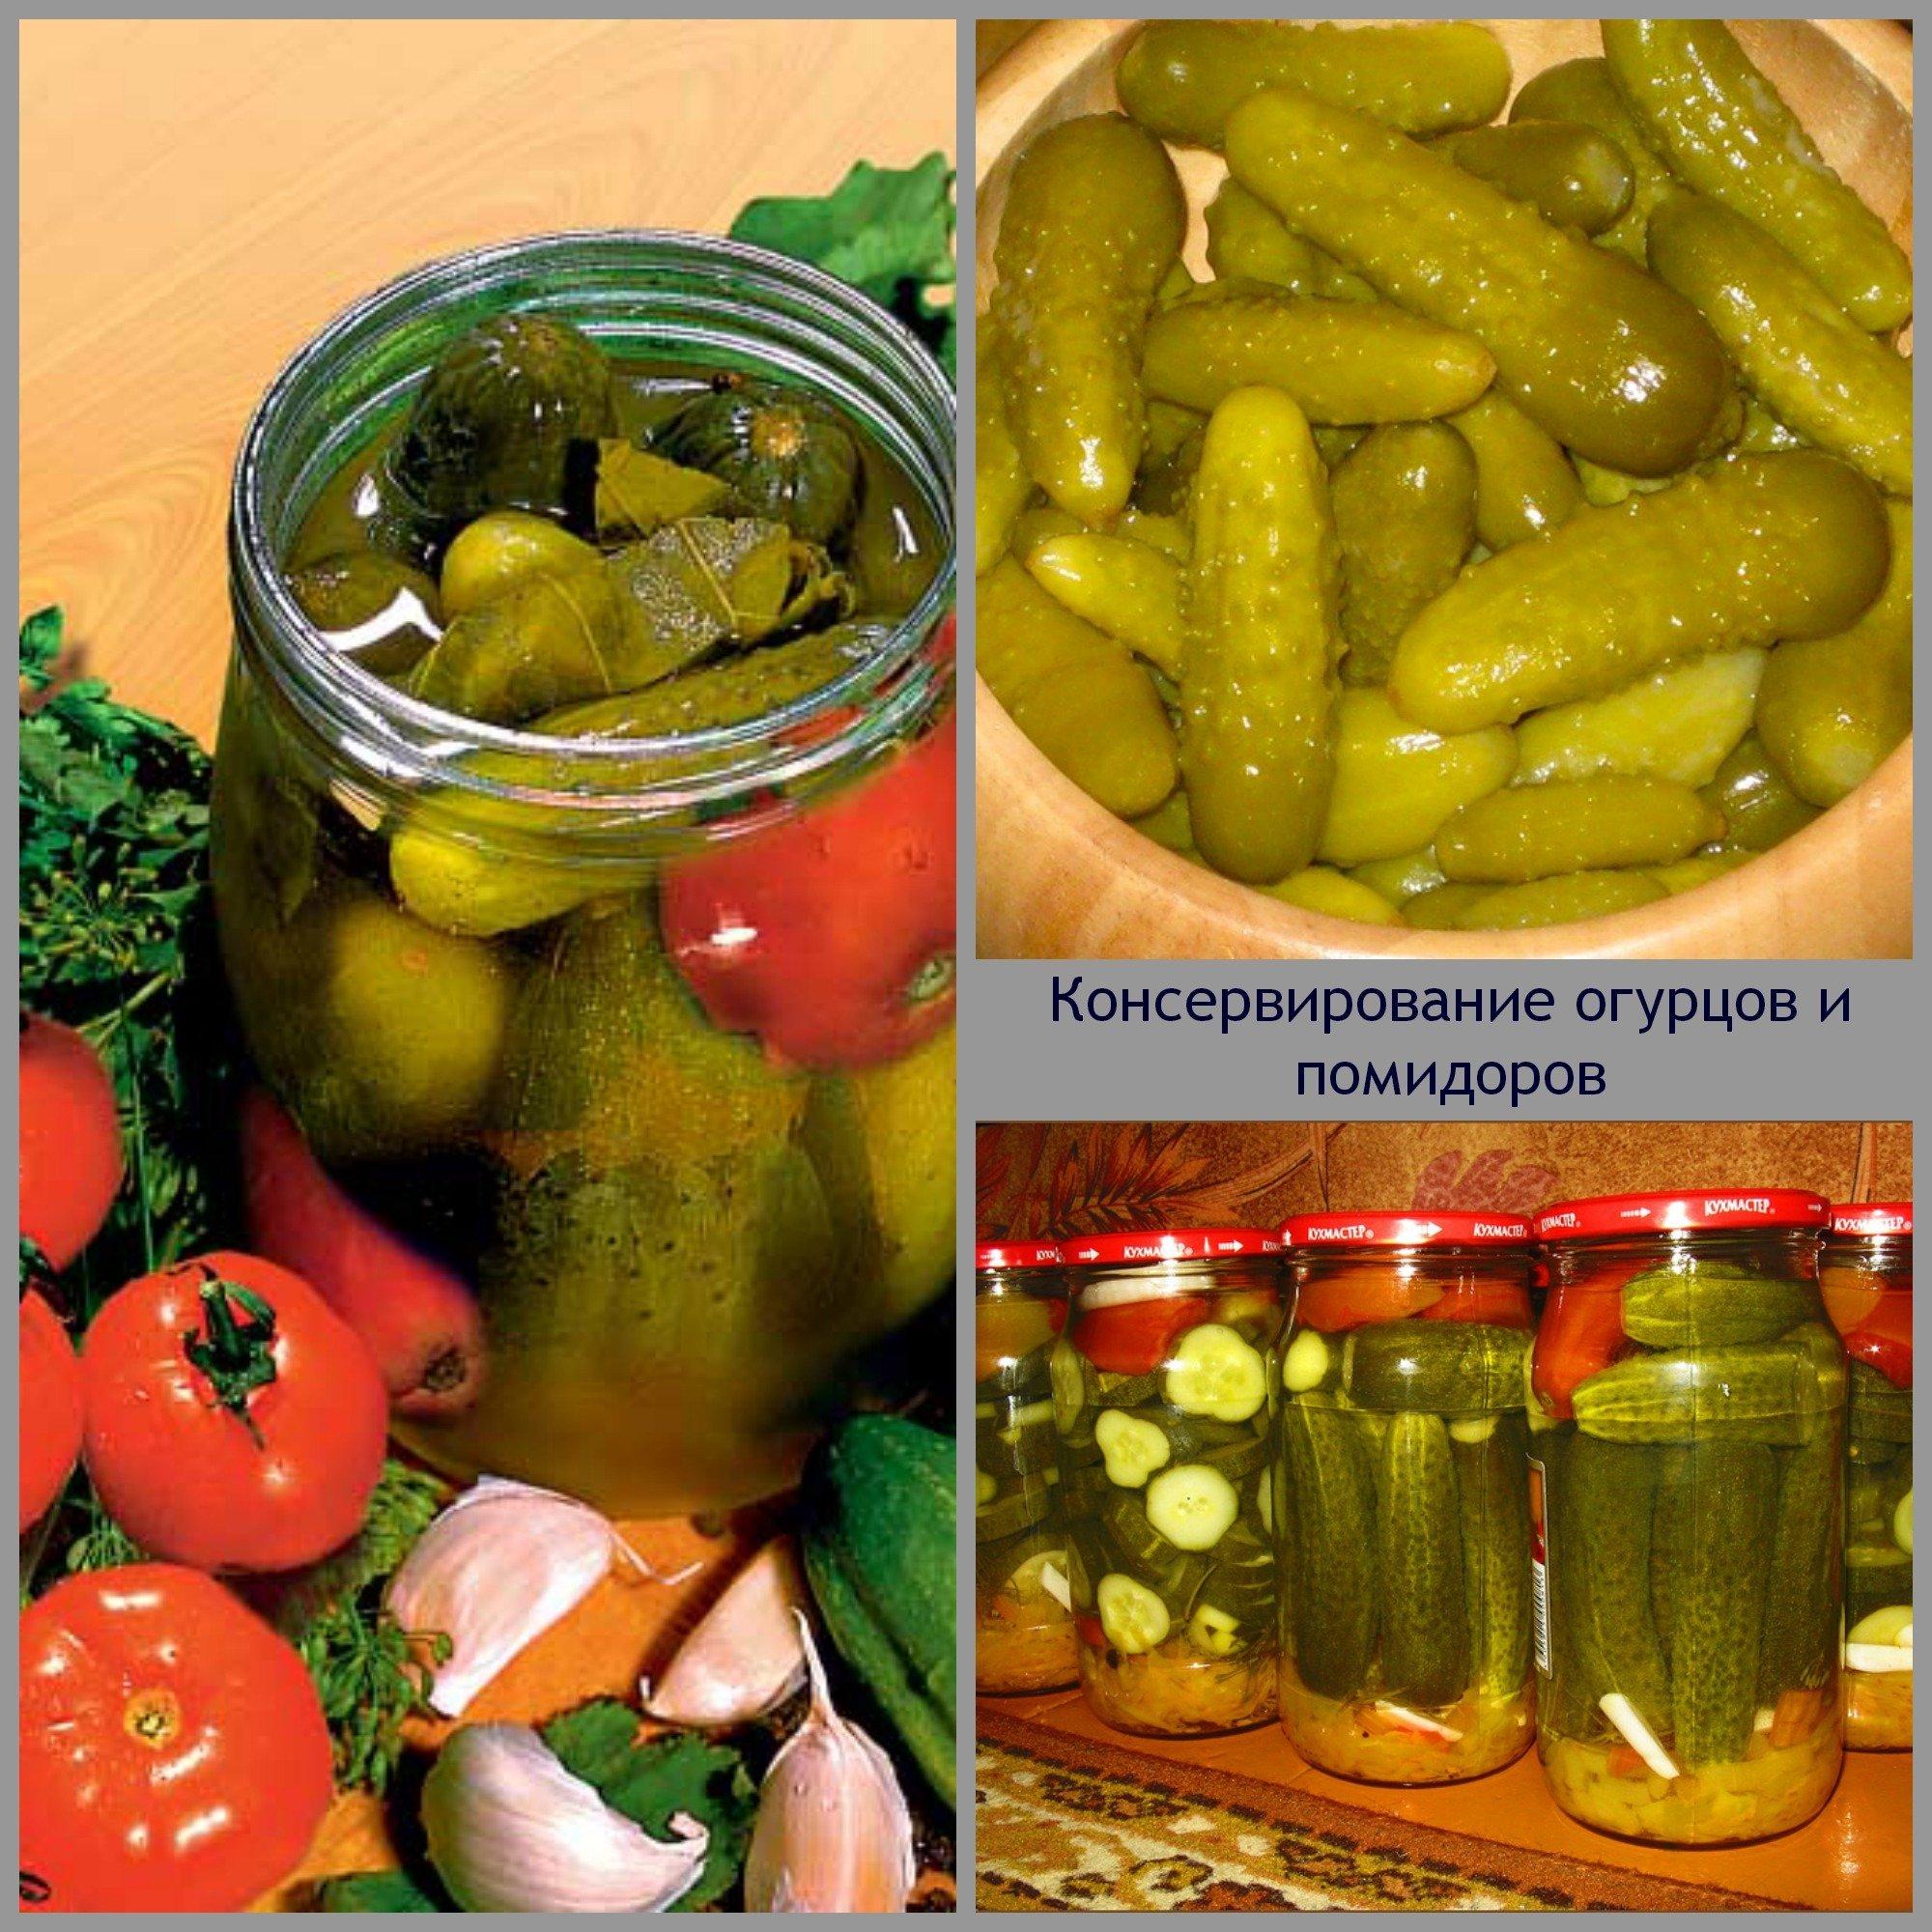 Консервированные огурцы и помидоры пошаговый рецепт